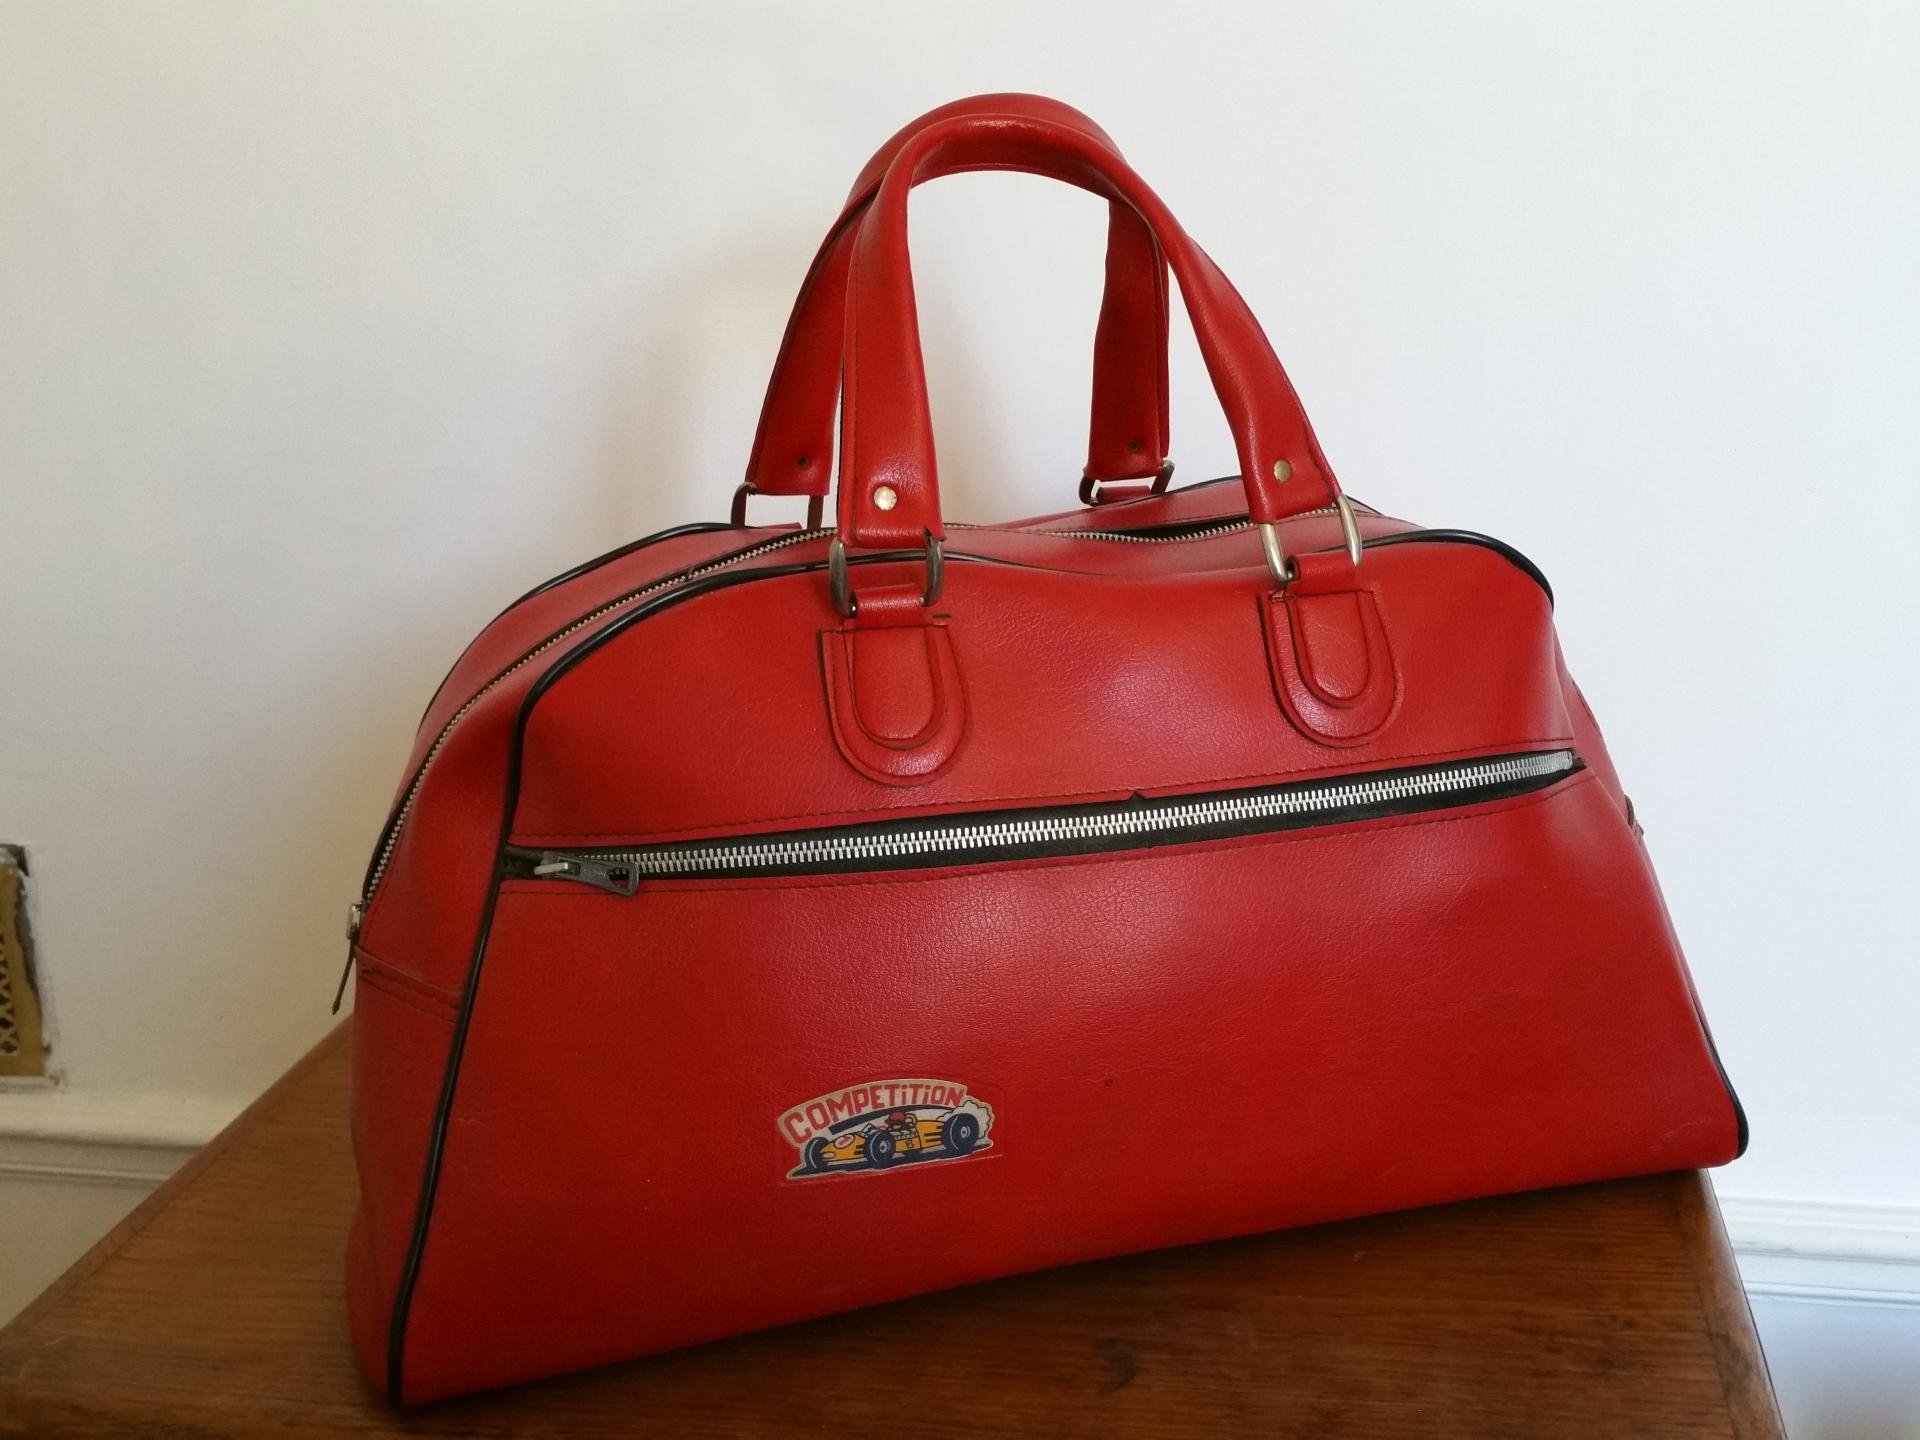 Lbc sac de sport rouge